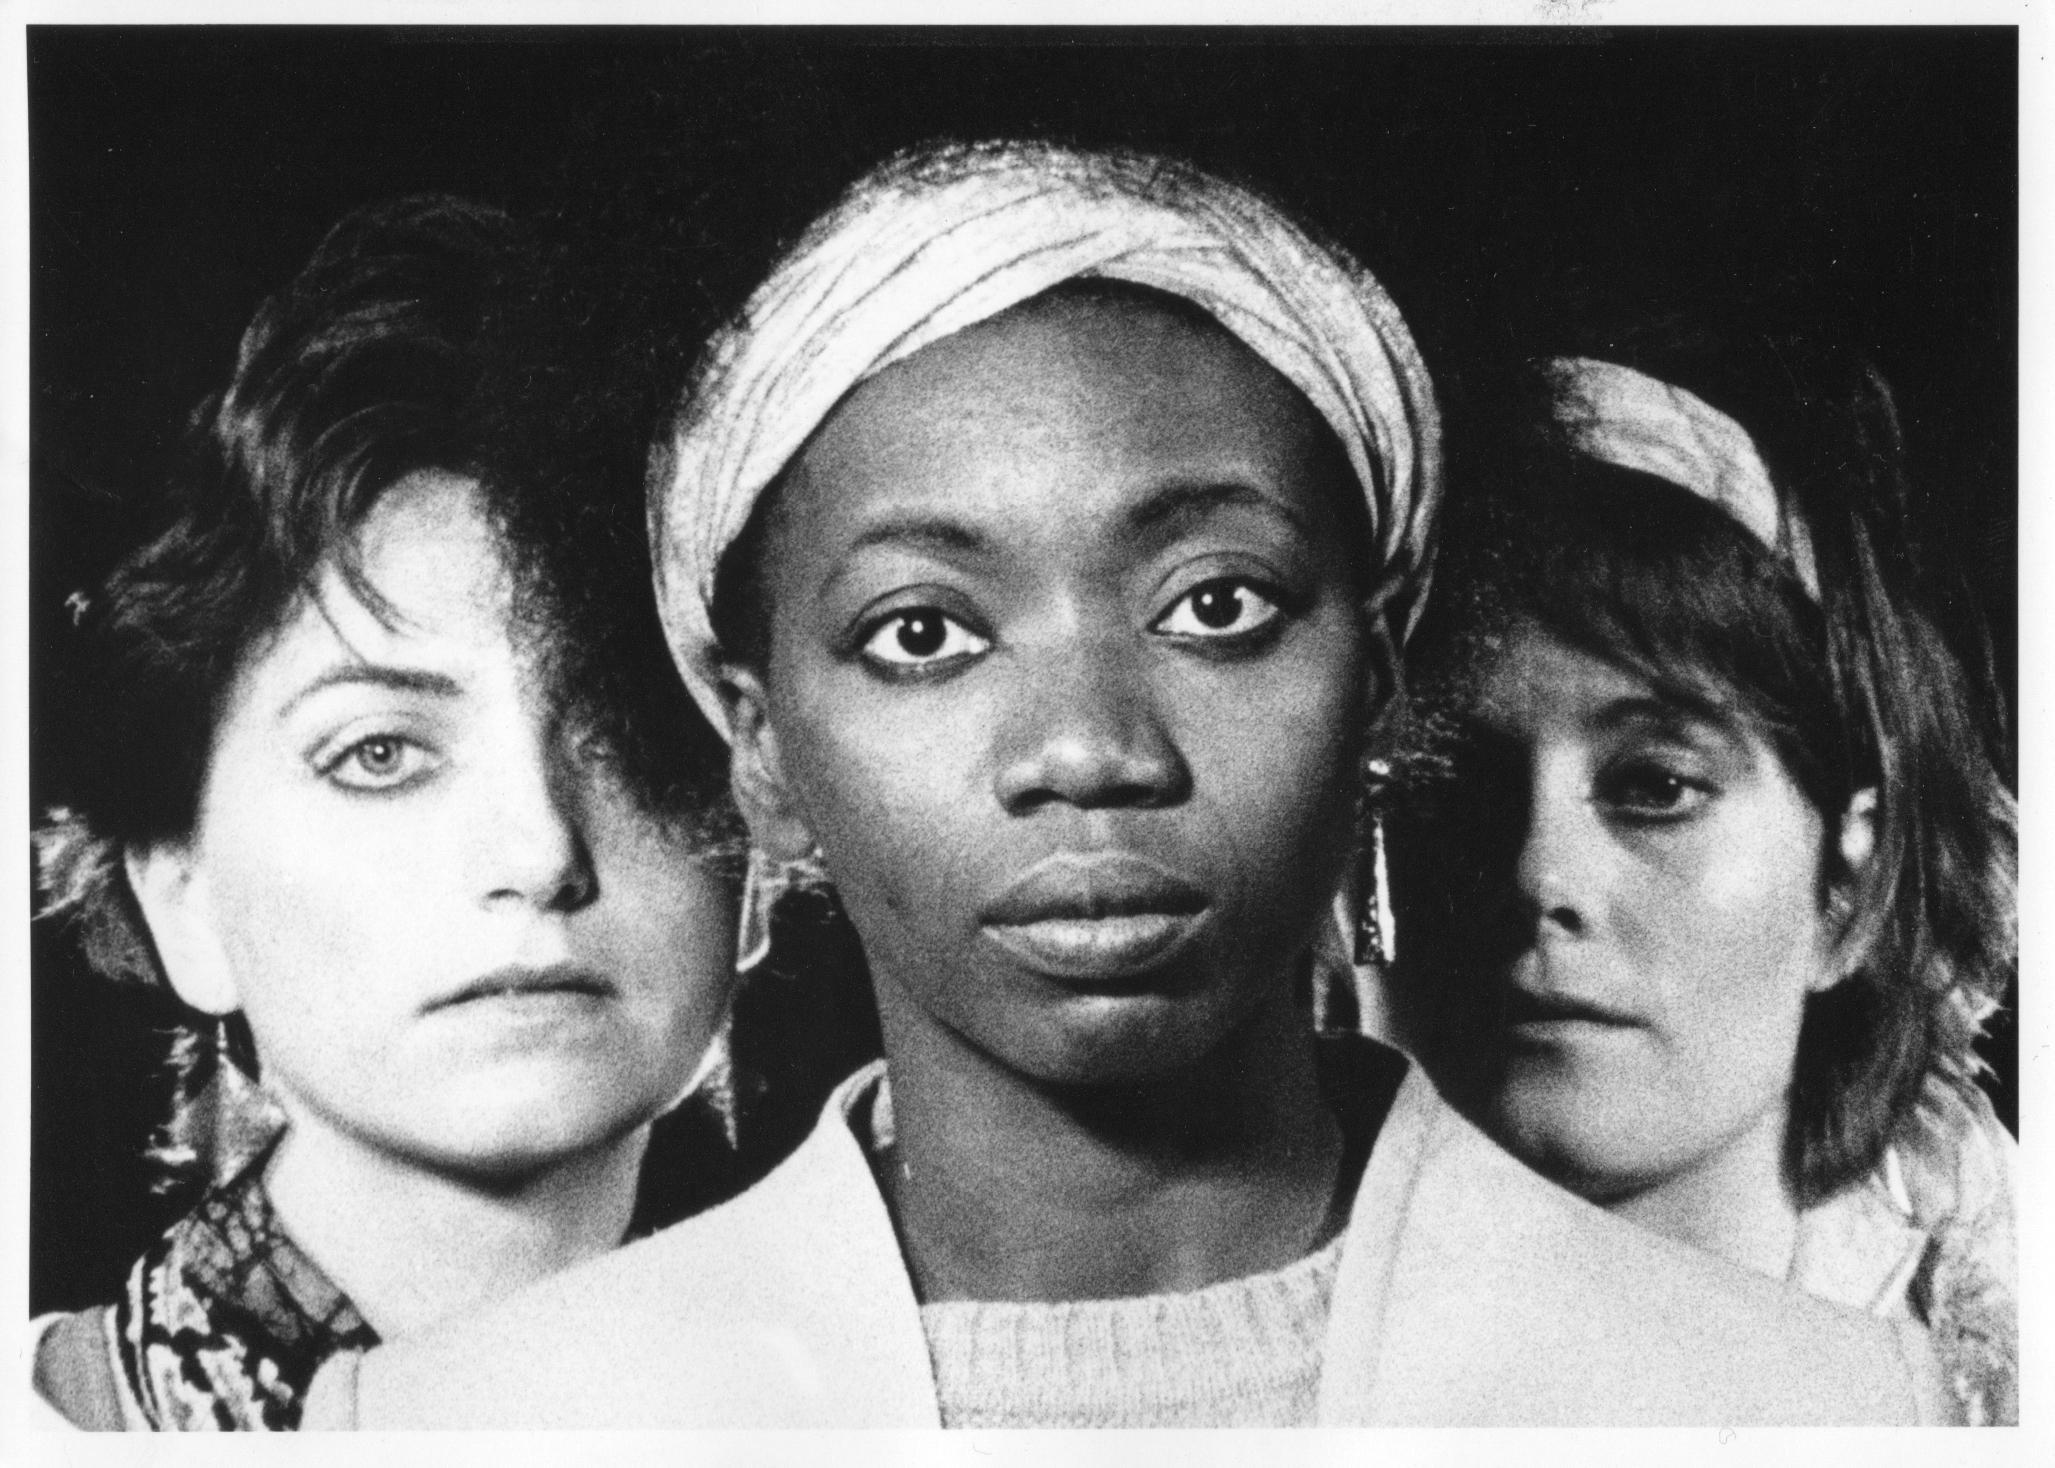 Still from Choral Fantasy, 1986